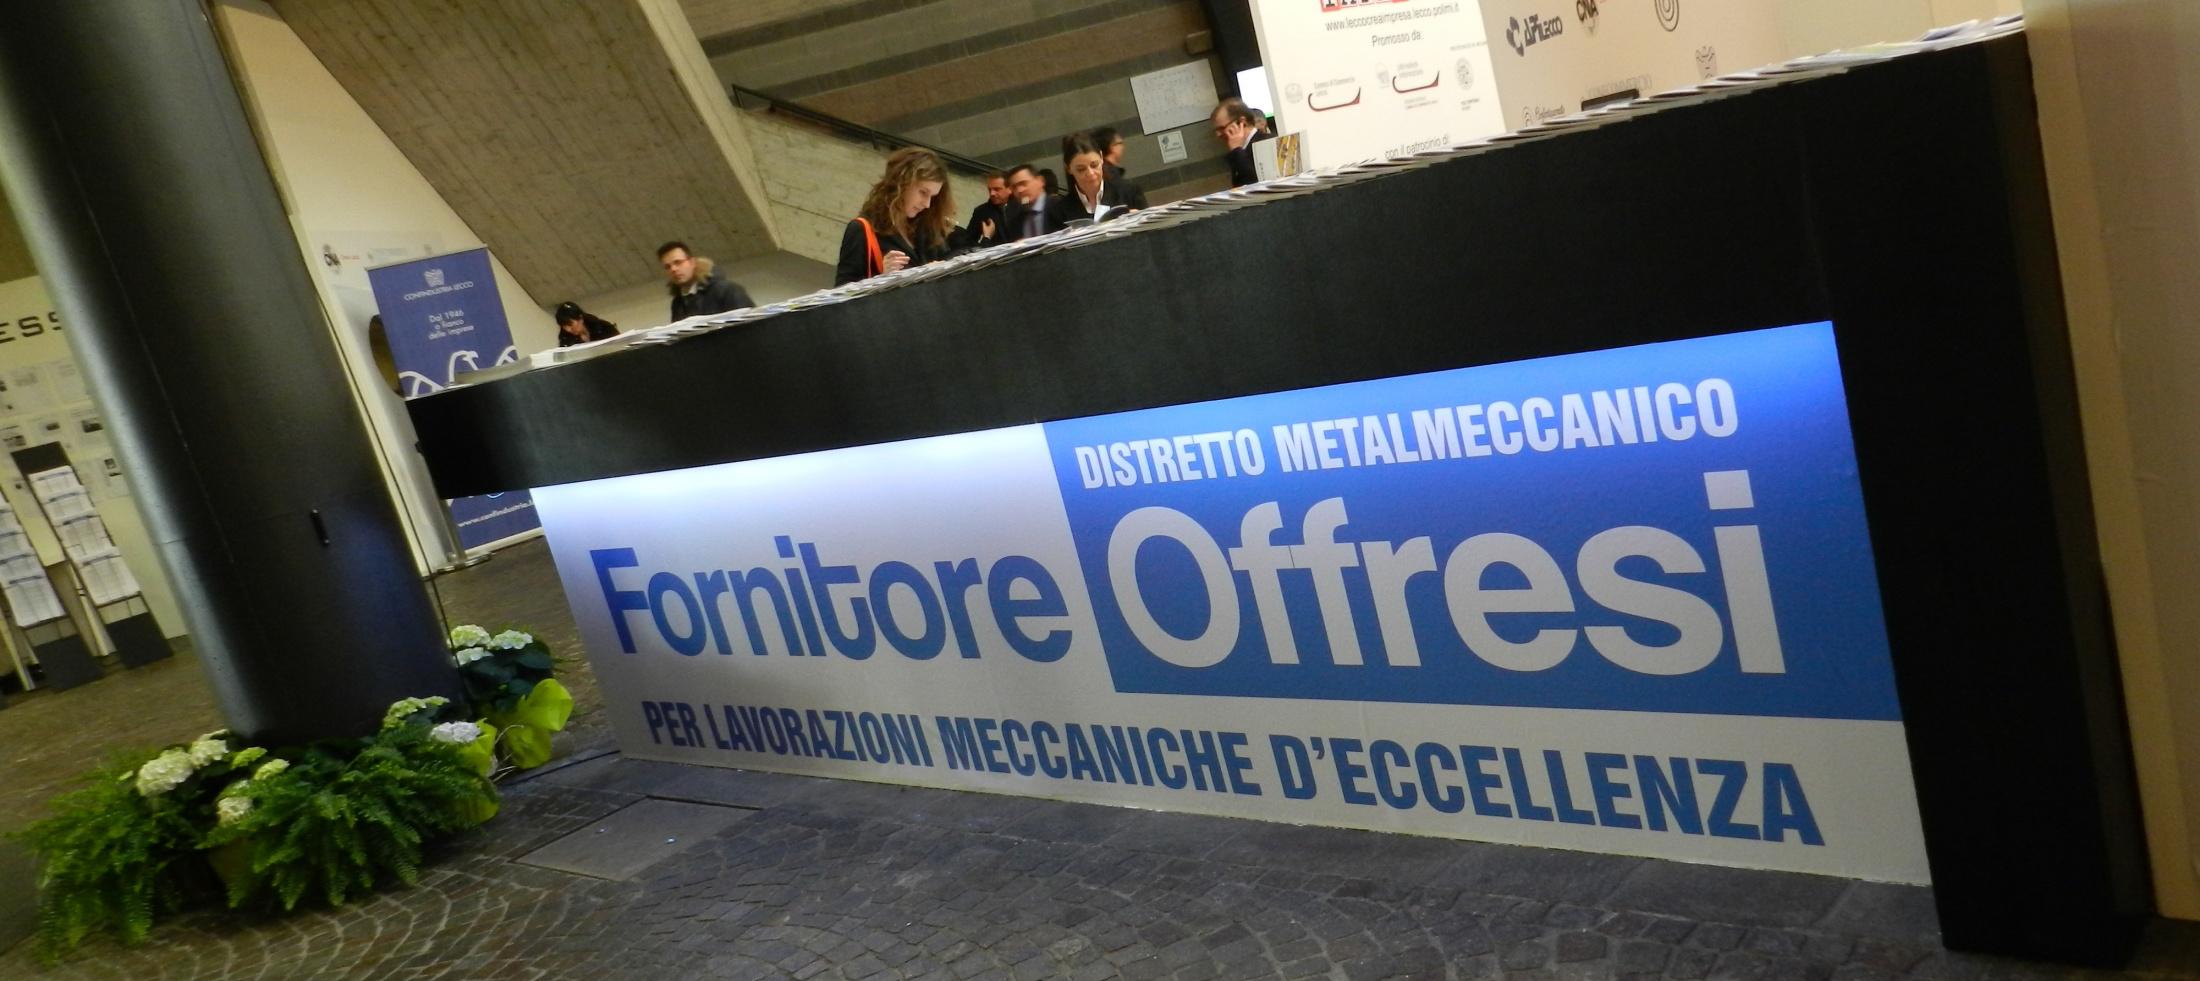 Fornitore_bancone